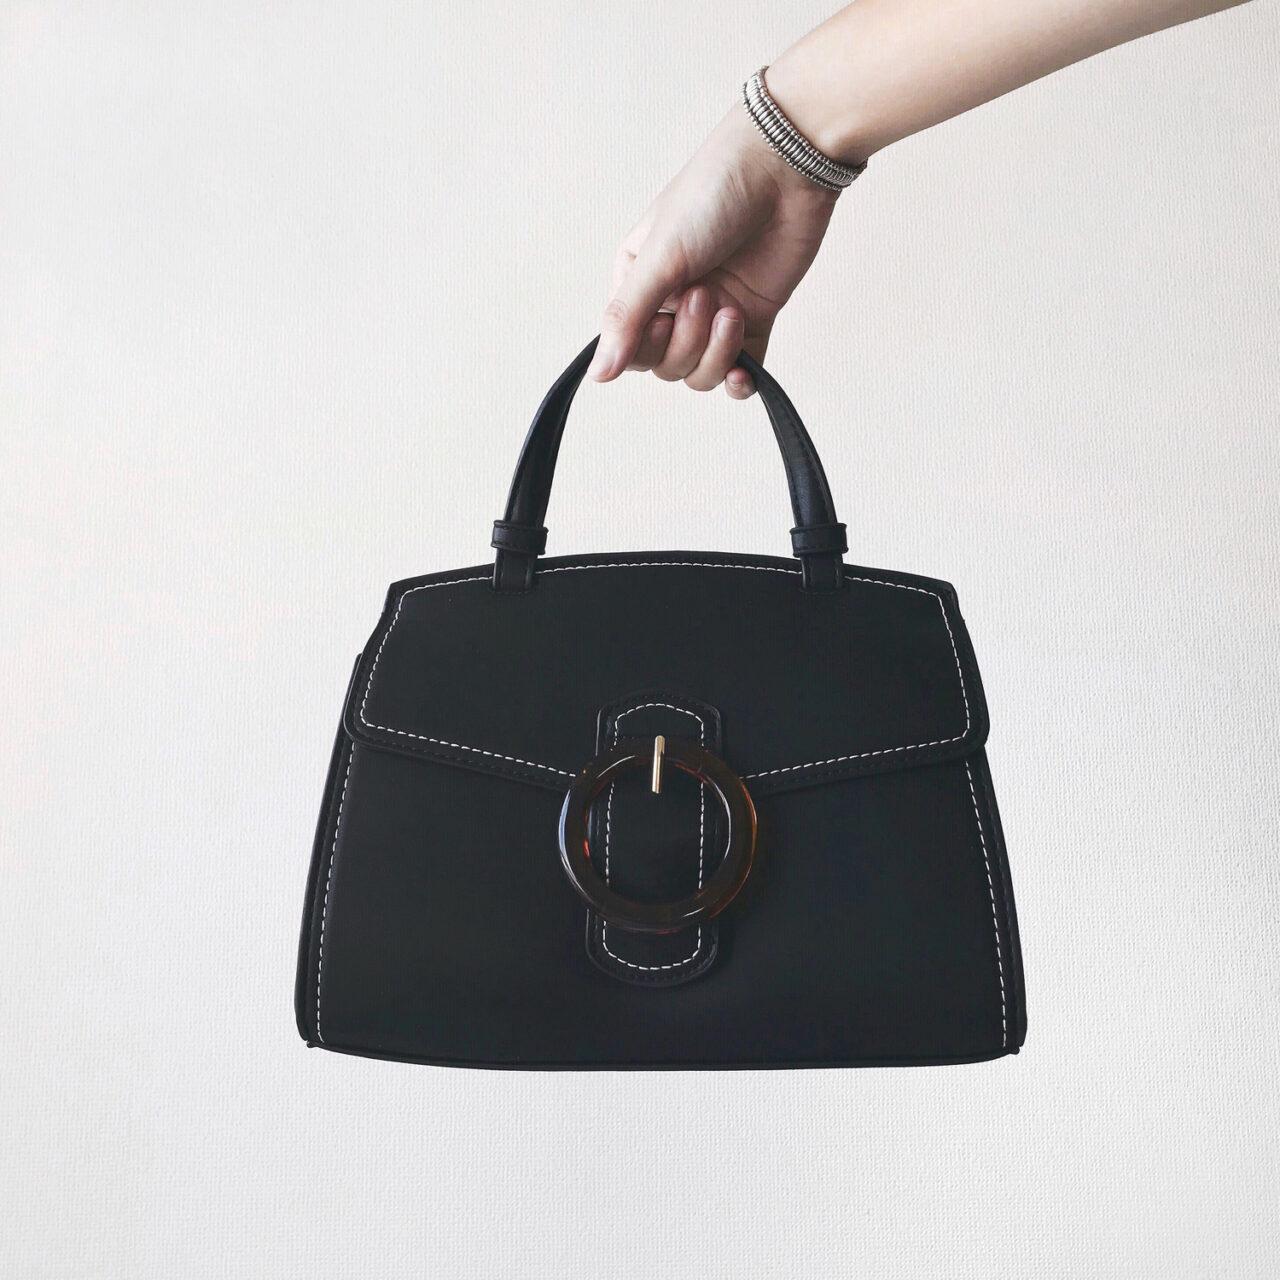 黒いバッグと、それを持つ手袋をした女性の手